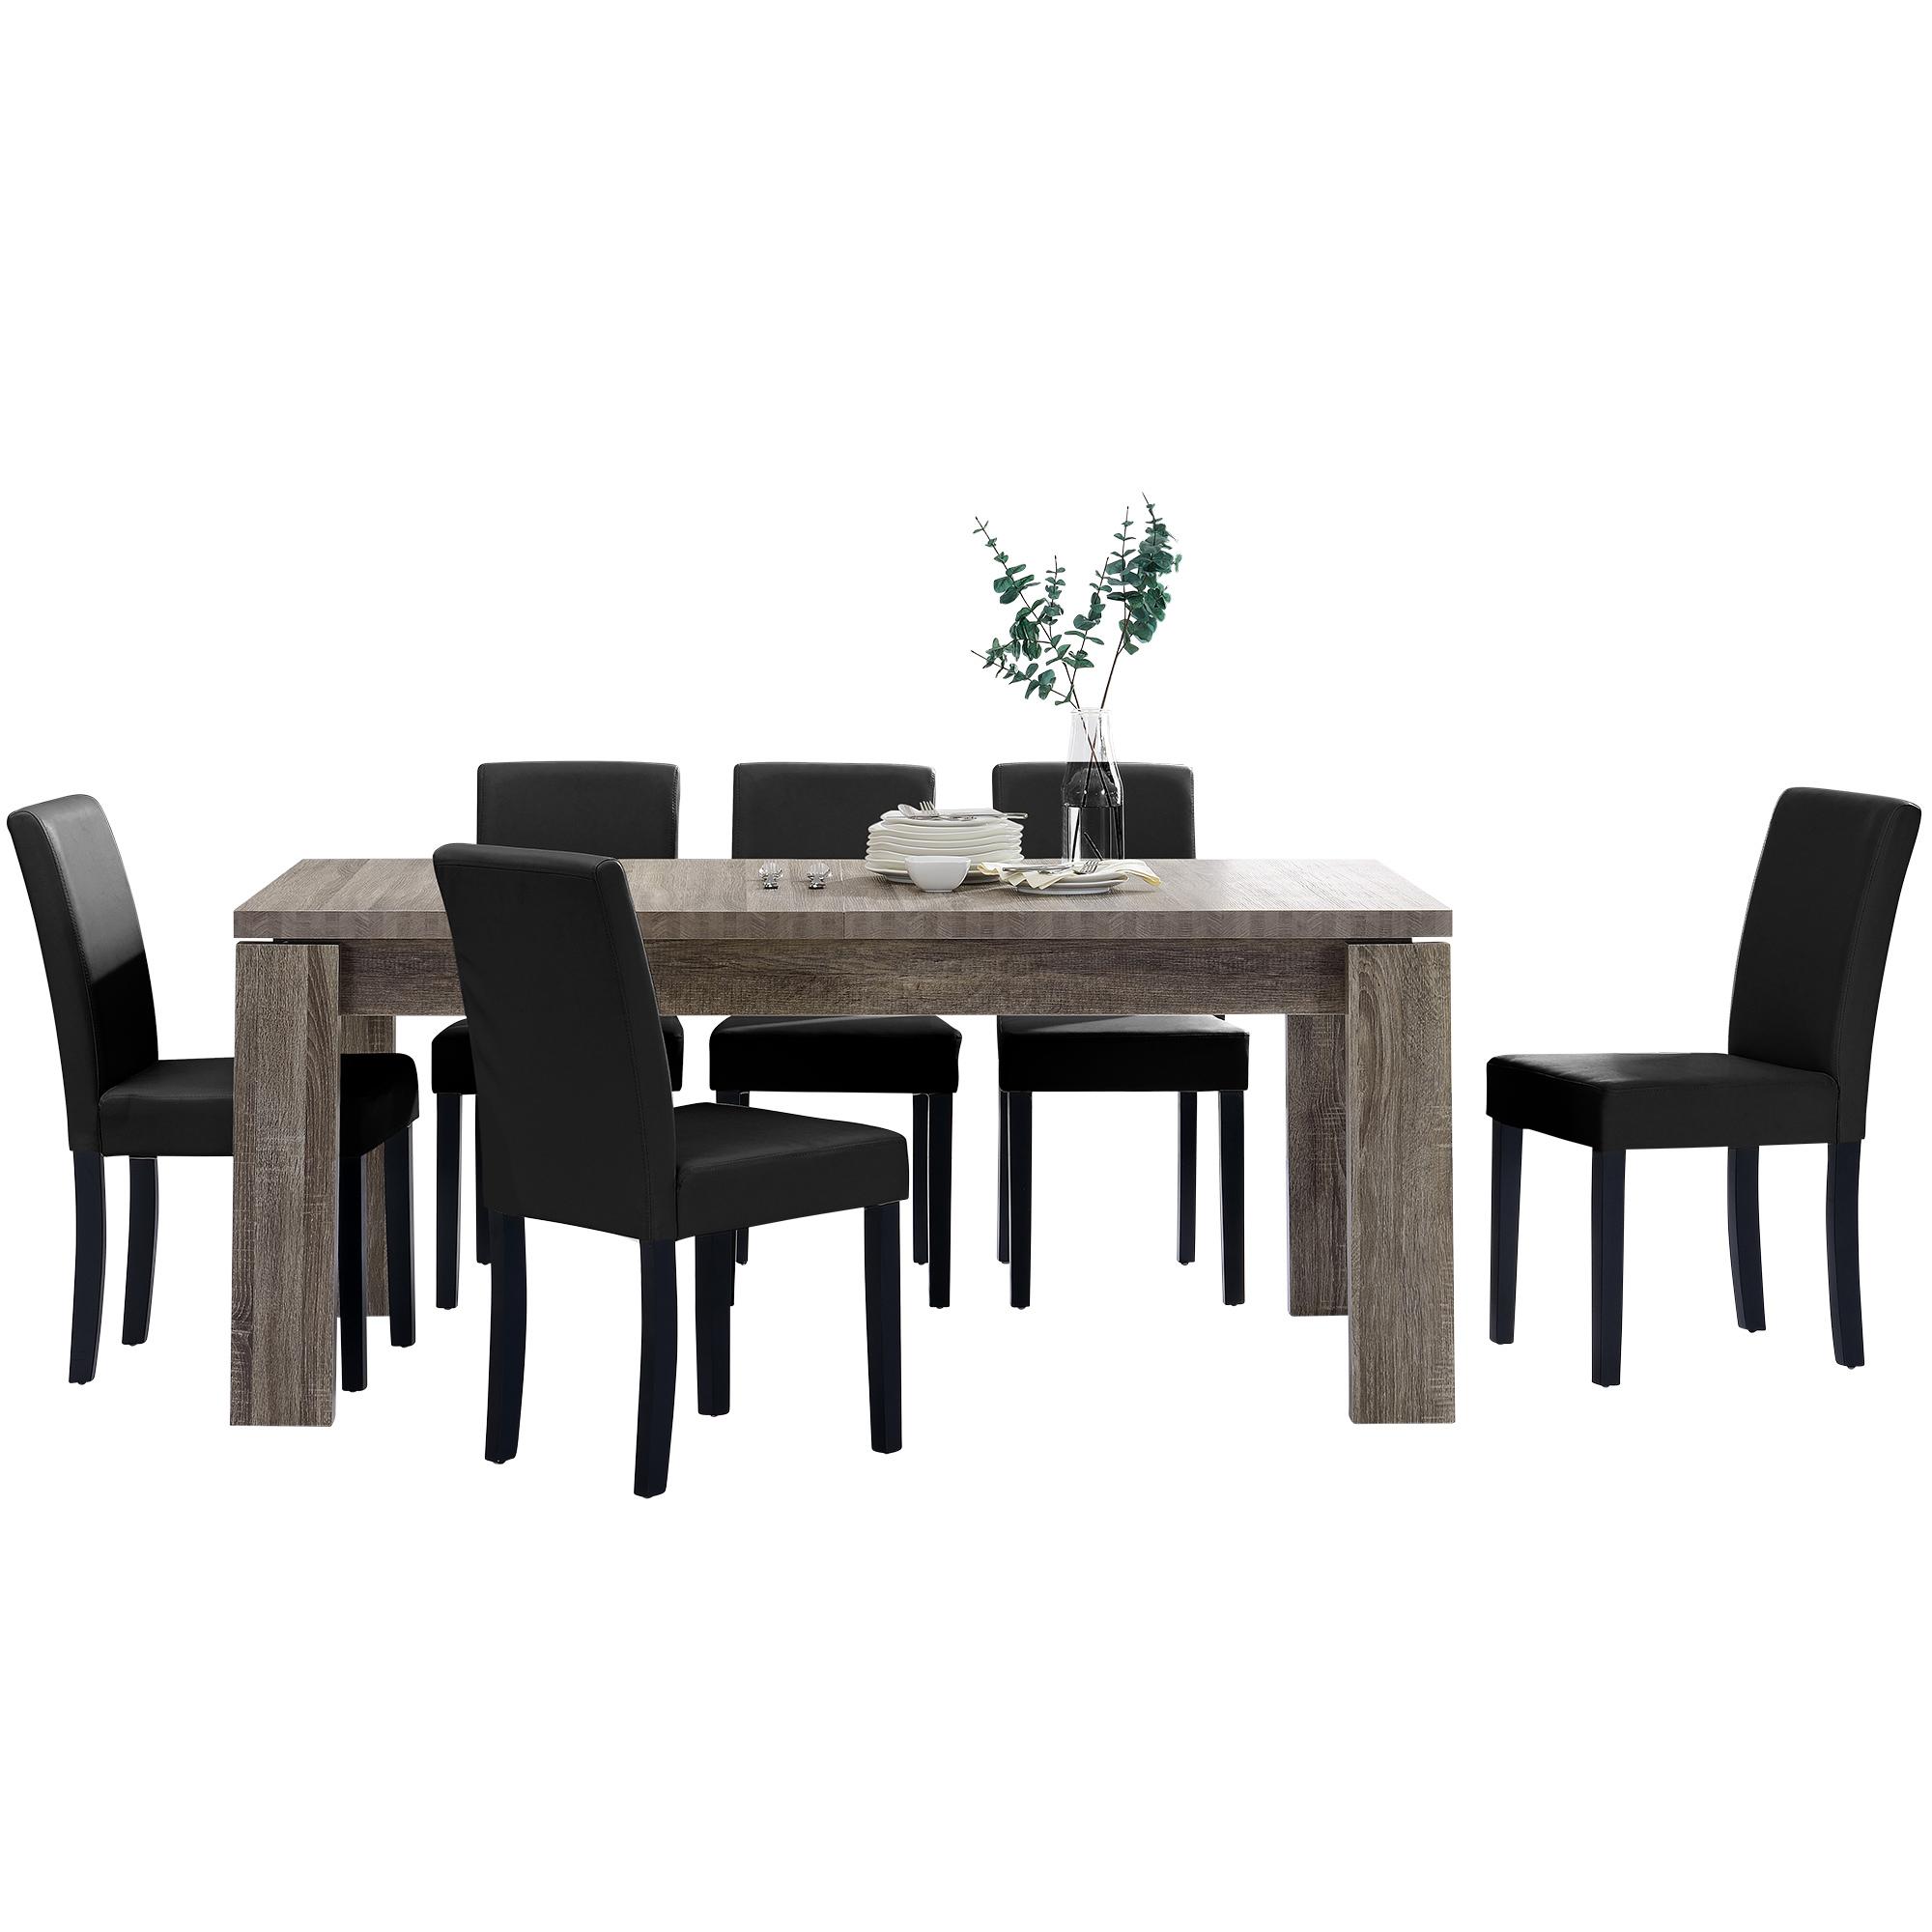 [en.casa]® Jídelní sestava 1 x stůl HTFU2334 + 6 x židle HTMY-9706